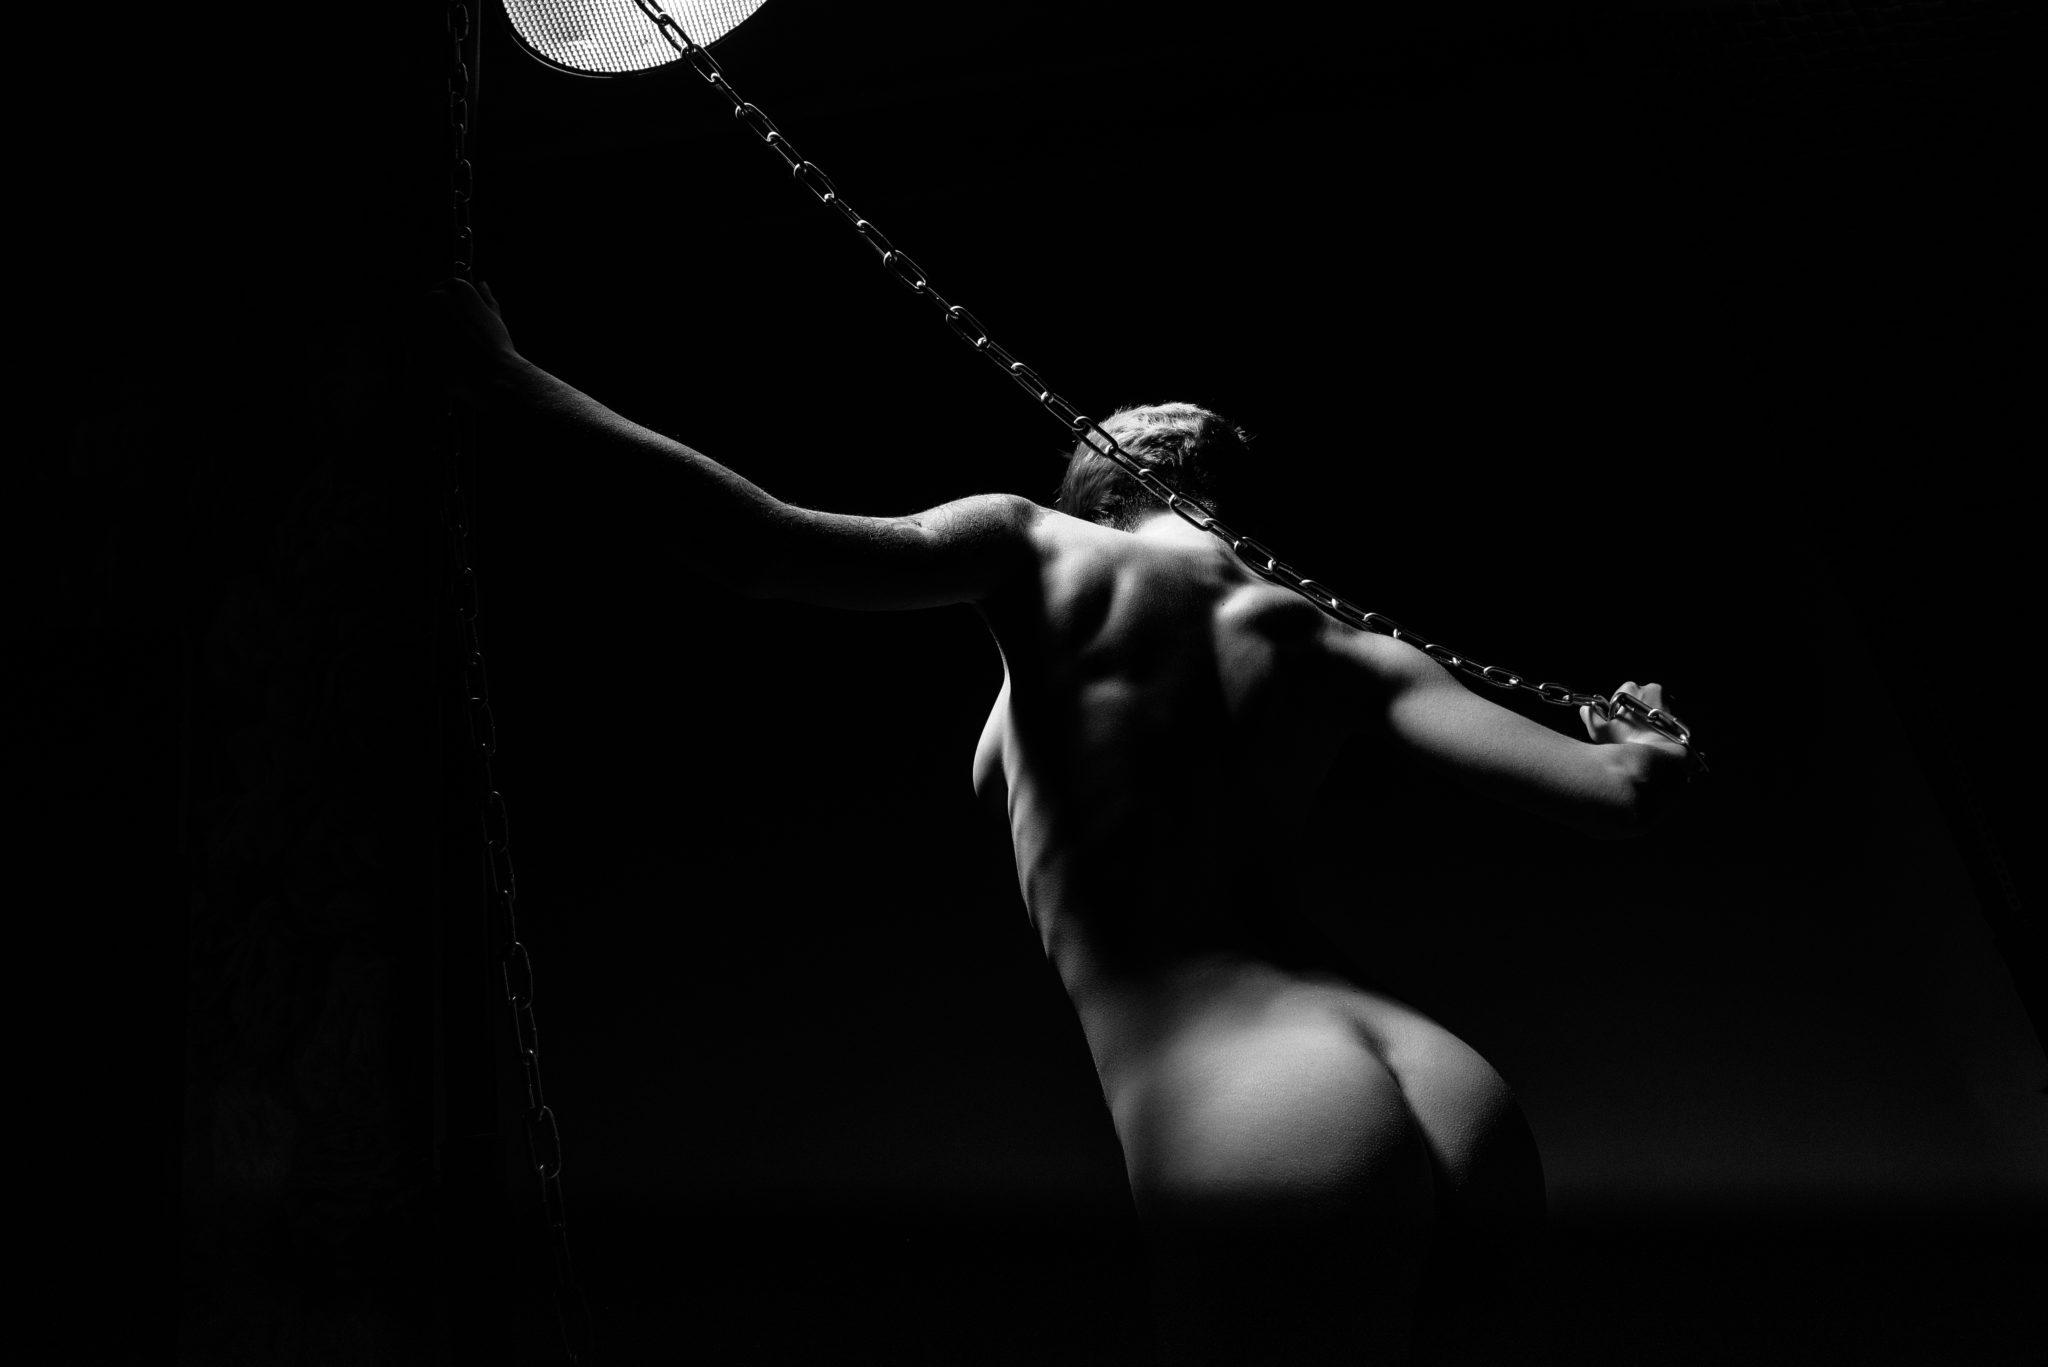 Портфолио ню фотосессии, фотограф Алиса Постниковой, модель Валерия Ионеску, обнаженная с цепями в руках под прожектором, чб фото